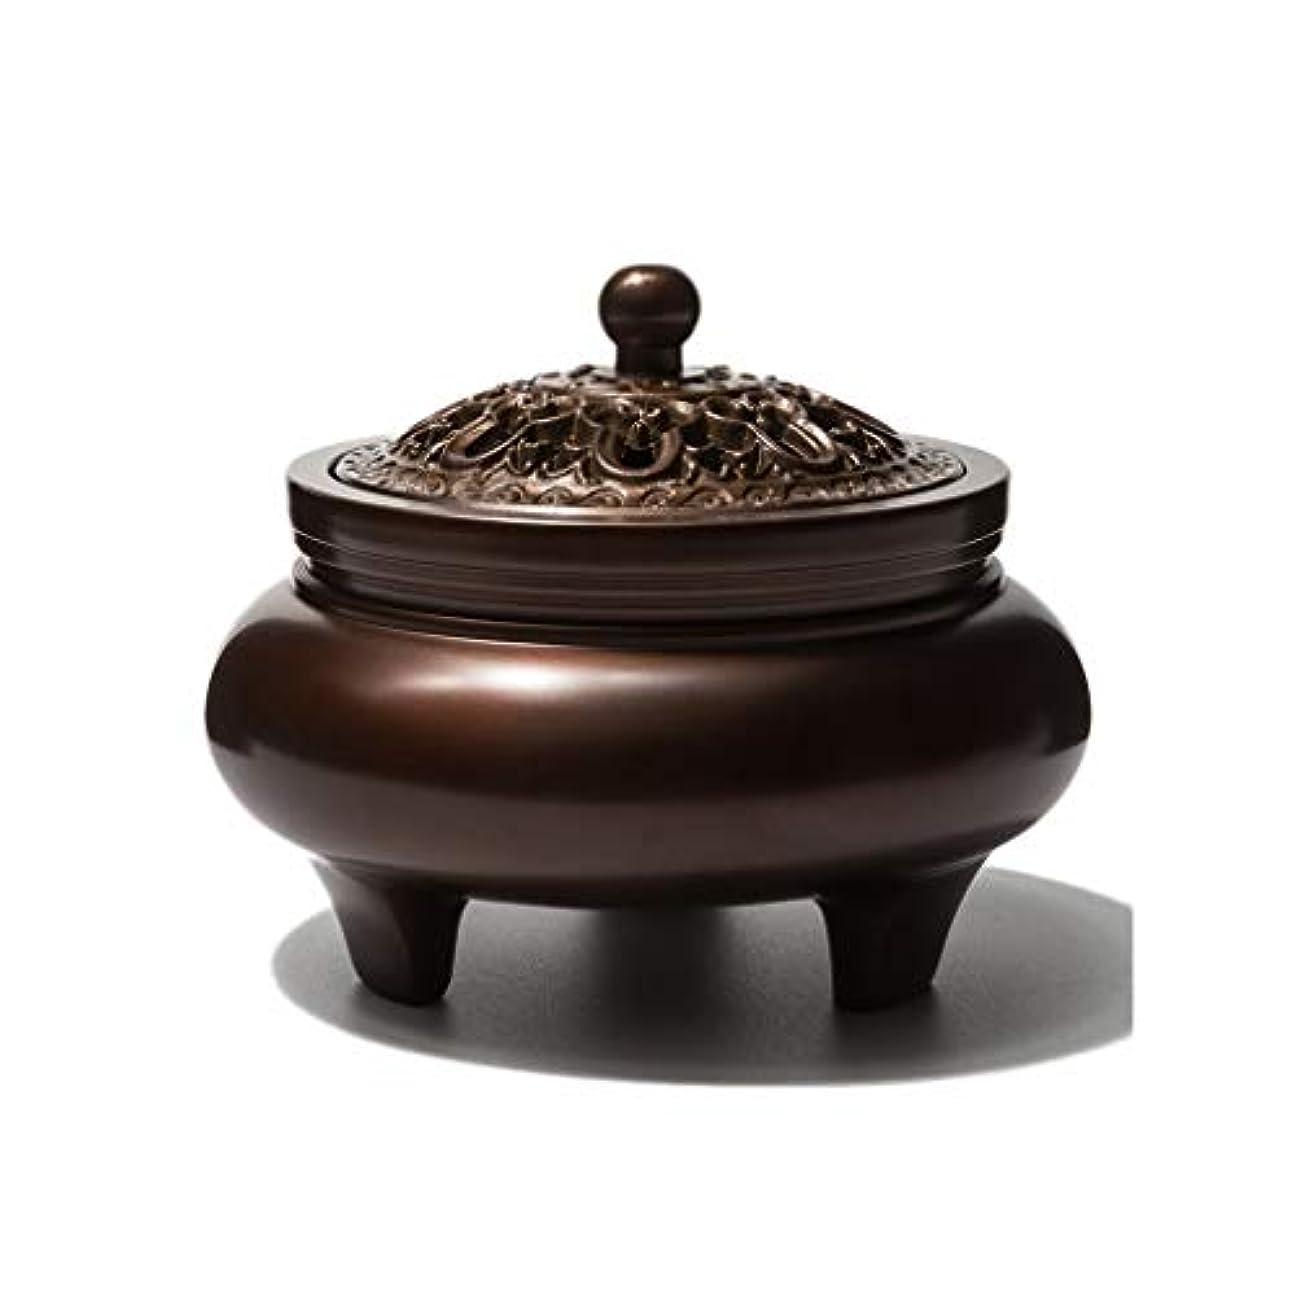 寝具あからさまうなる芳香器?アロマバーナー 銅香バーナーアロマテラピーホルダー純粋な銅茶道白檀炉屋内香バーナーレトロノスタルジア11.5センチ* 7.8センチ* 9センチ アロマバーナー